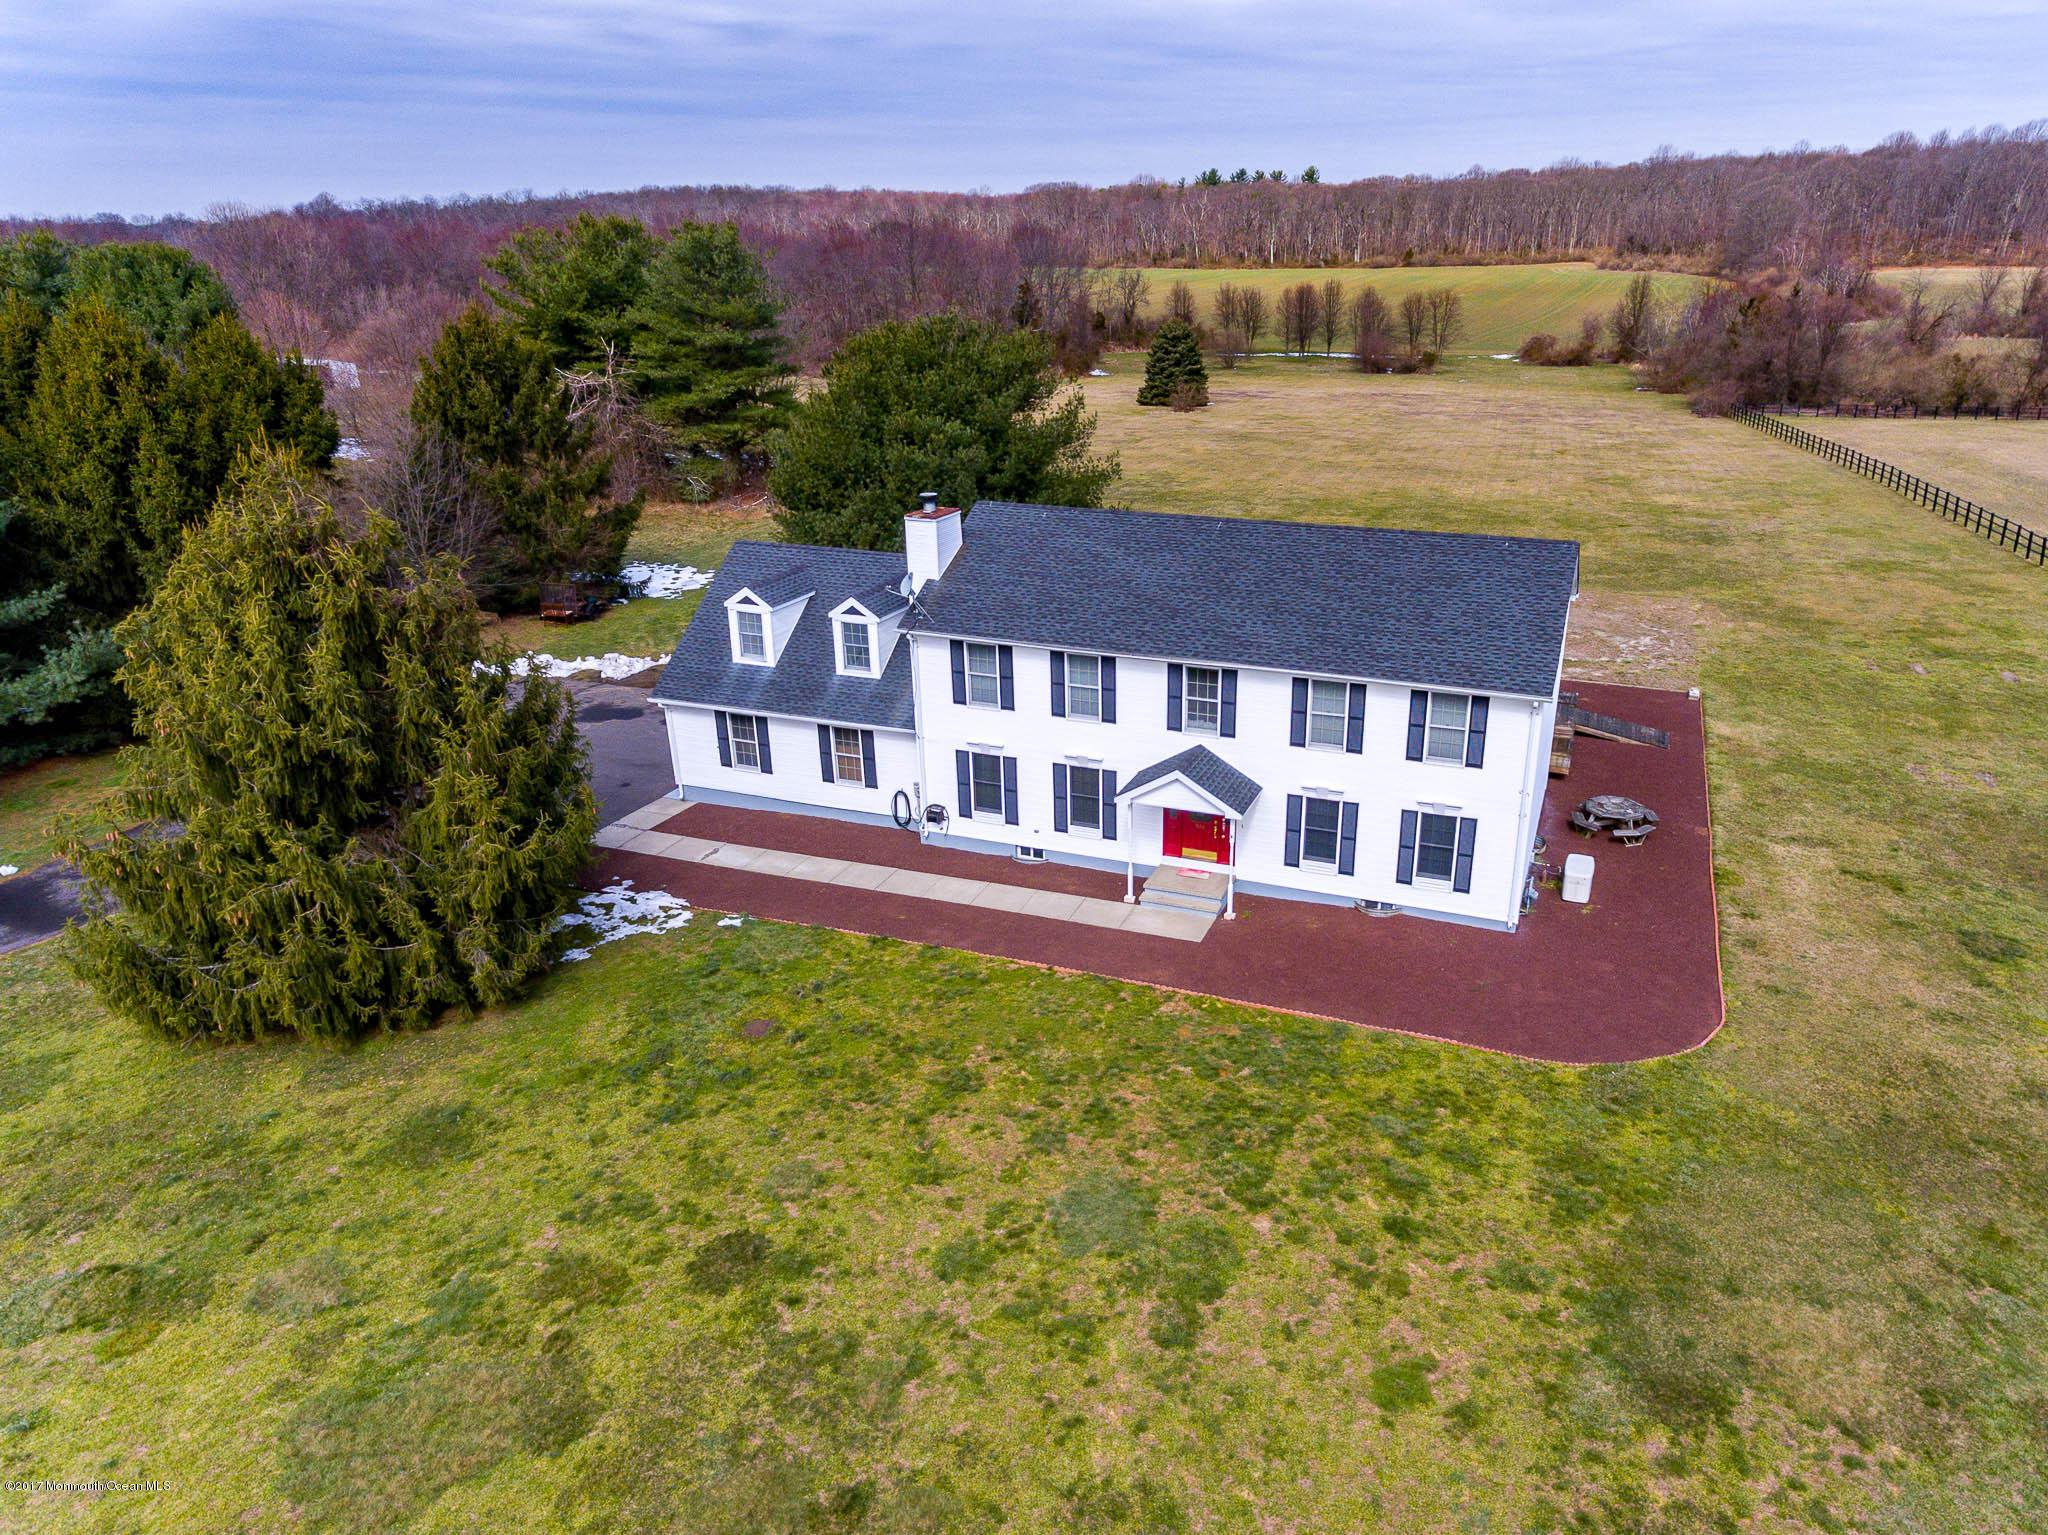 独户住宅 为 销售 在 516 Stagecoach Road Clarksburg, 新泽西州 08510 美国